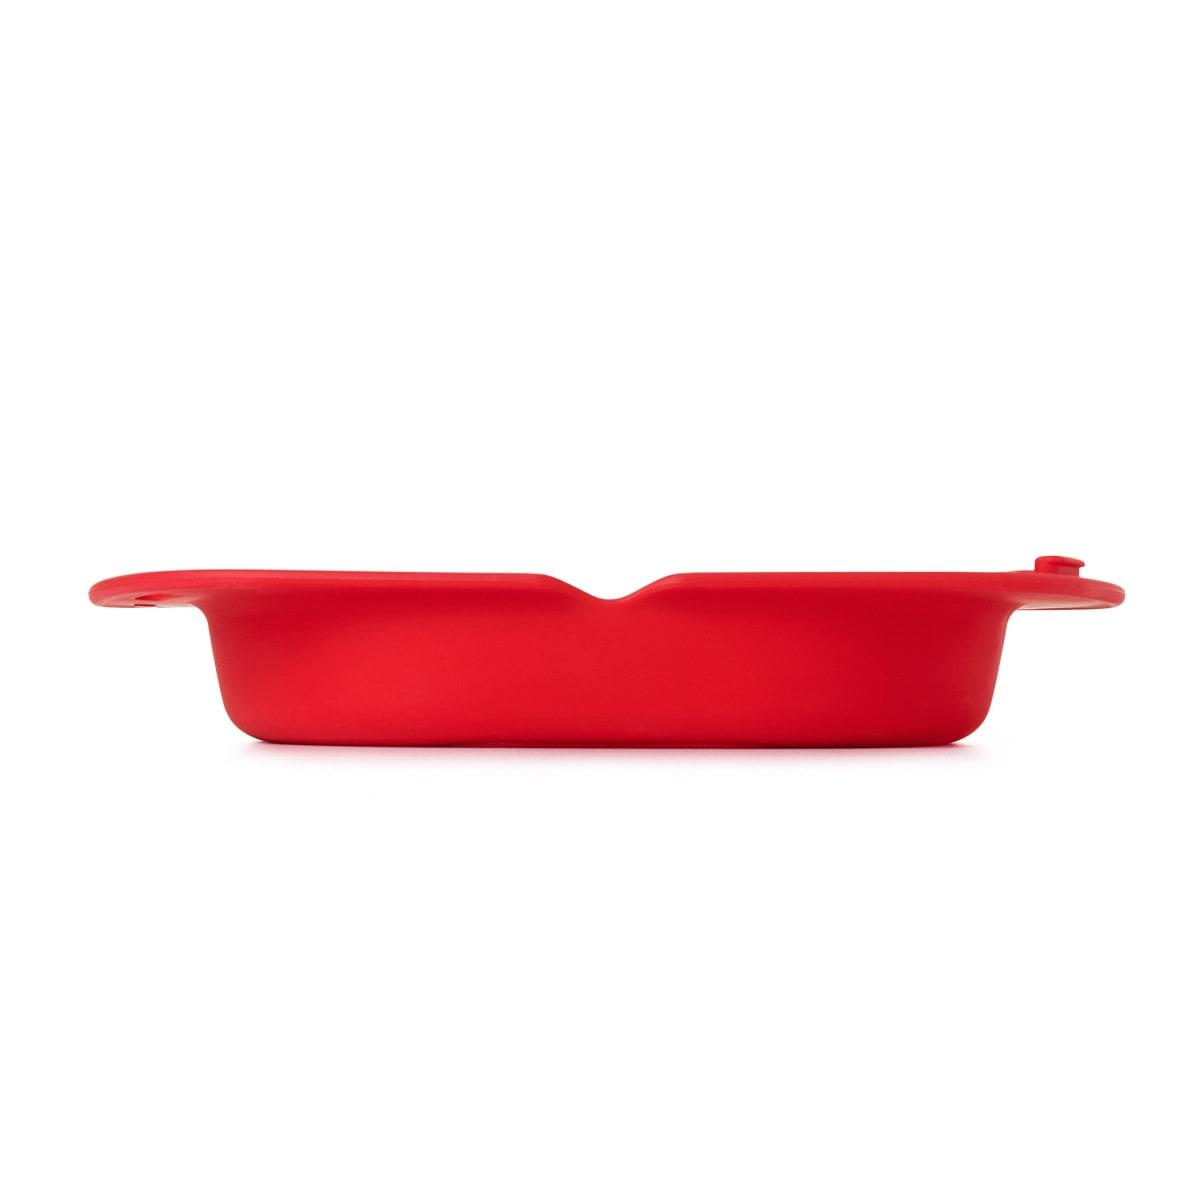 Oxo Omelette Maker, rouge vue de côté 2